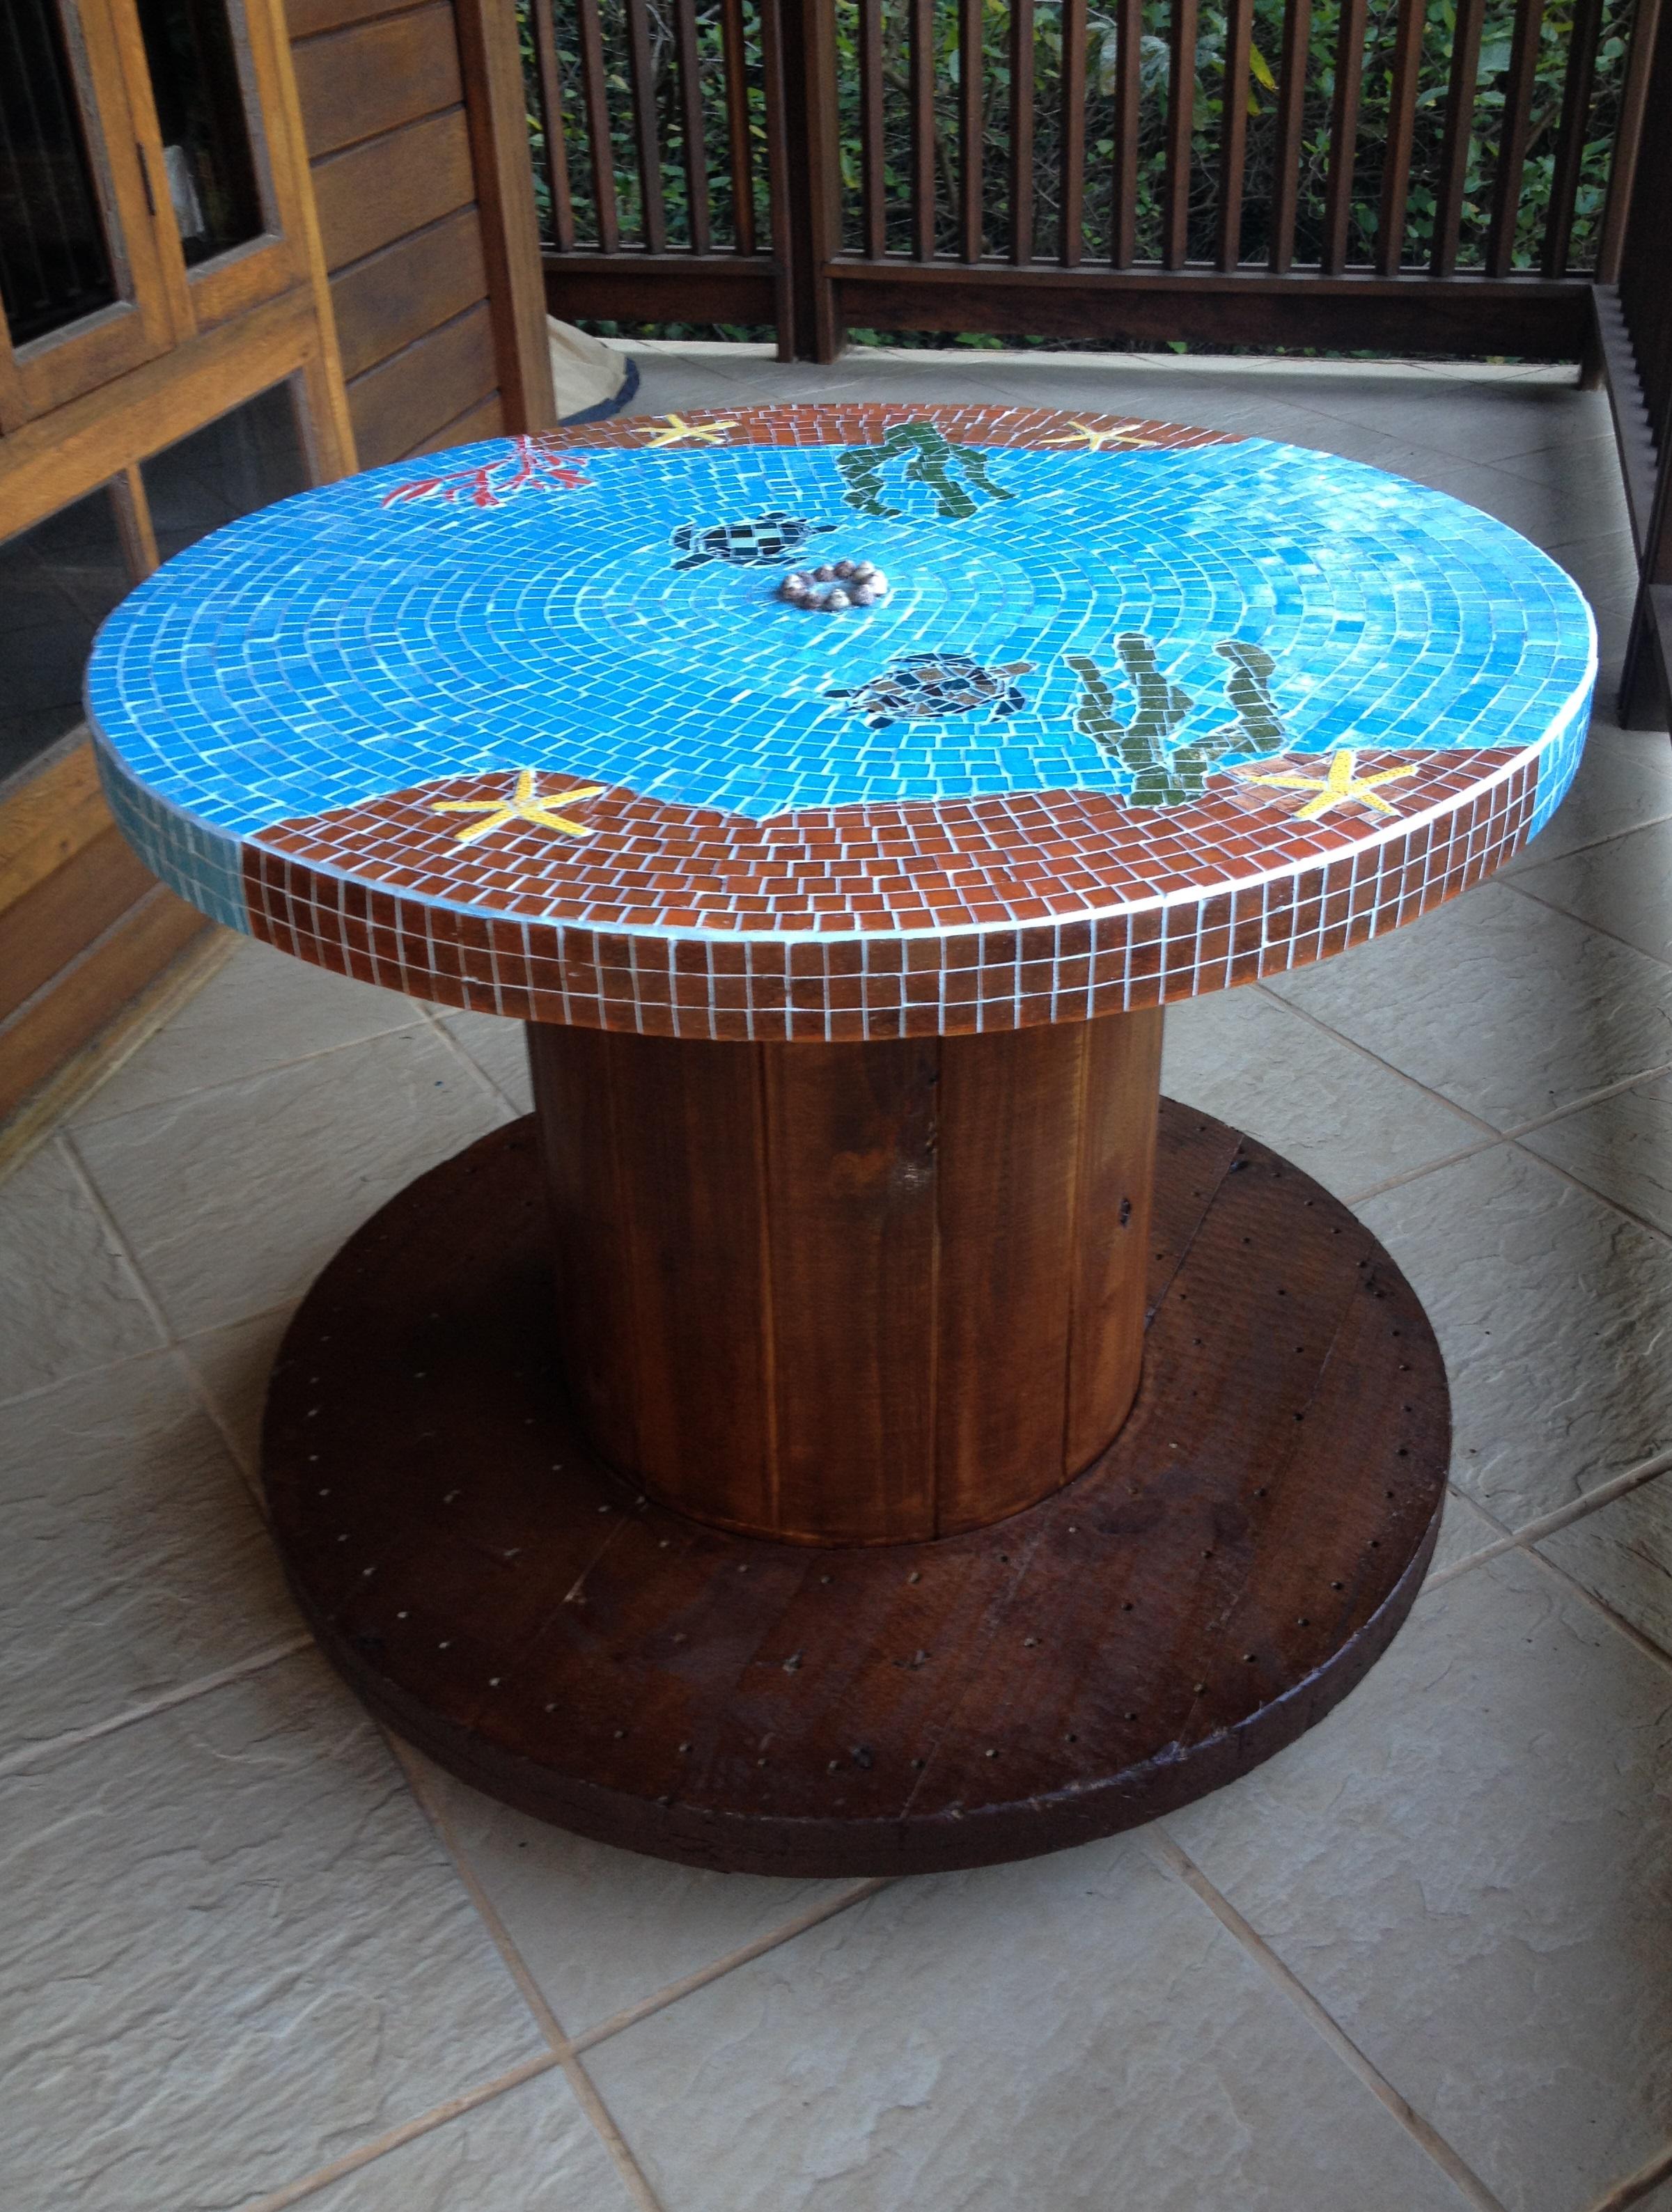 Mesa carretel em mosaico com tartarugas imagine mosaicos for Mesas de mosaico